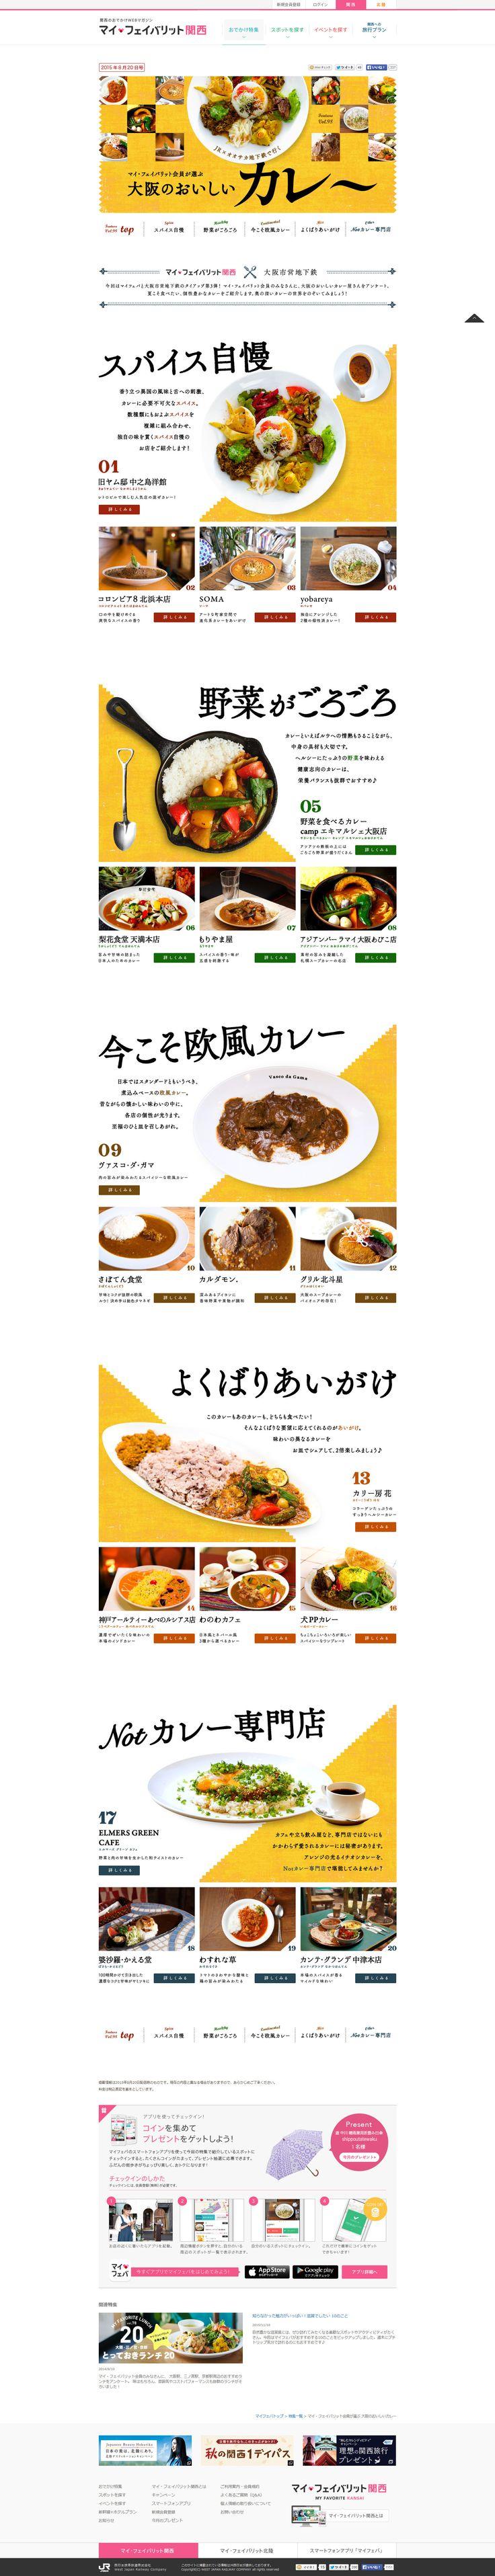 【特集Vol.98】マイ・フェイバリット会員が選ぶ 大阪のおいしいカレー